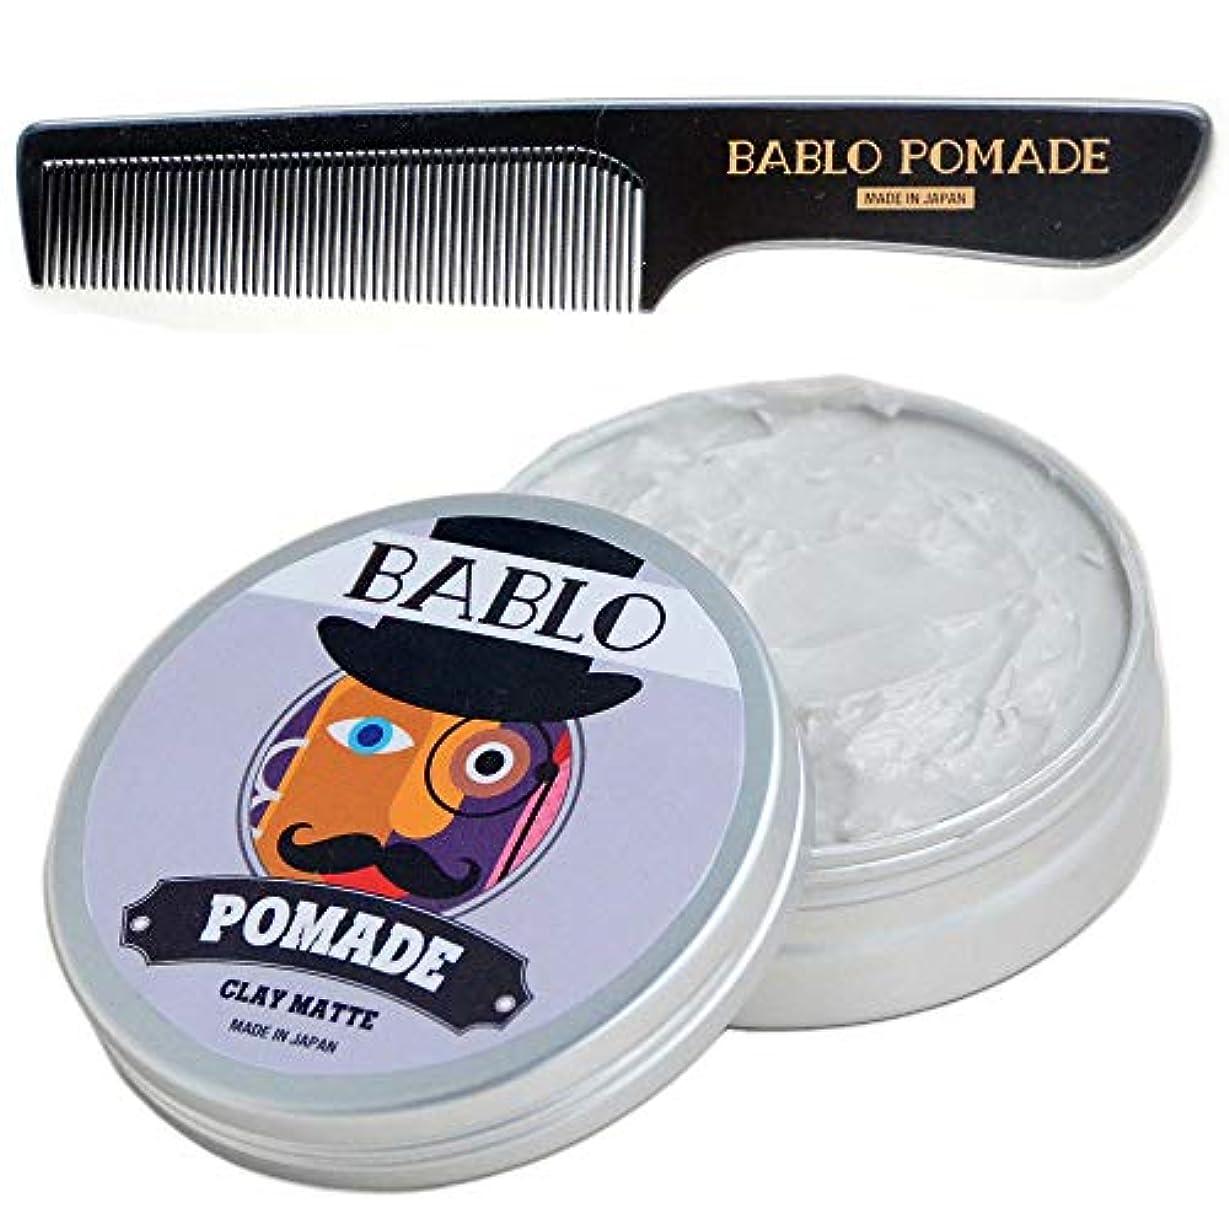 バンジョーストローきゅうりバブロ ポマード クレイマット ヘアワックス 整髪料 水性 ヘアグリース メンズ コーム 櫛 セット